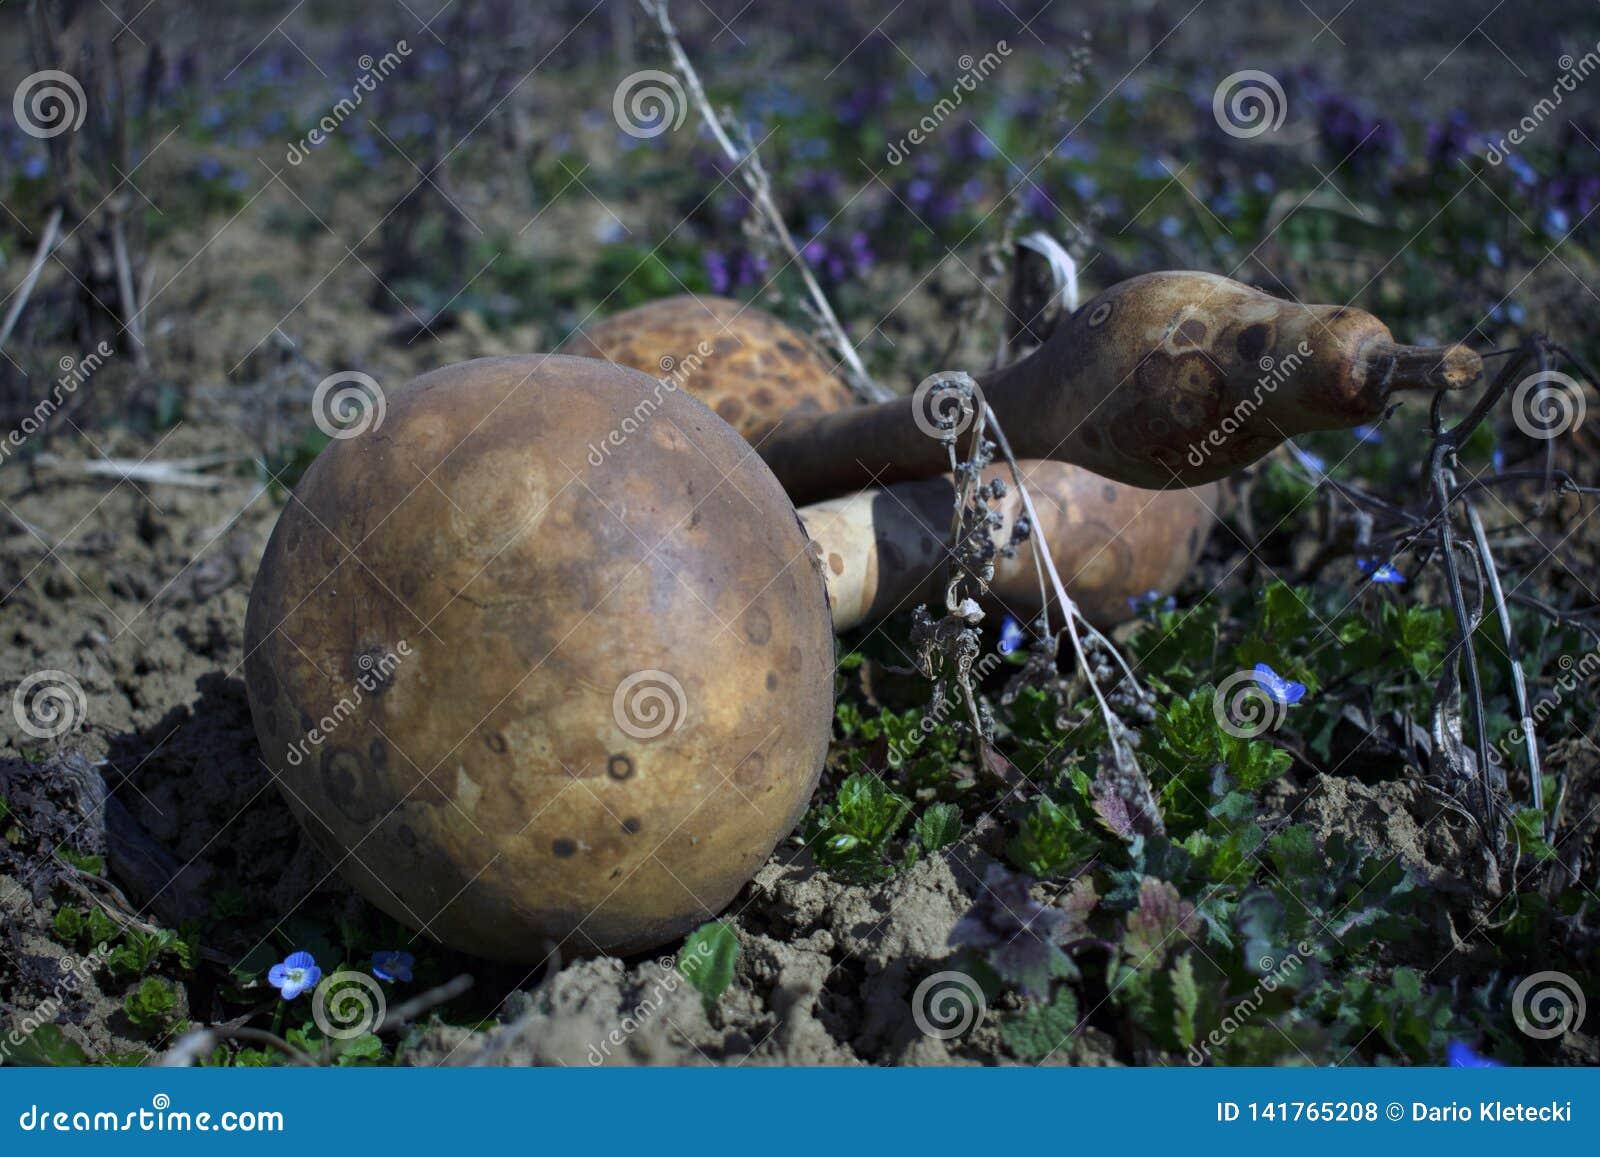 Pumpor i ett gräsfält med oskarp bakgrund